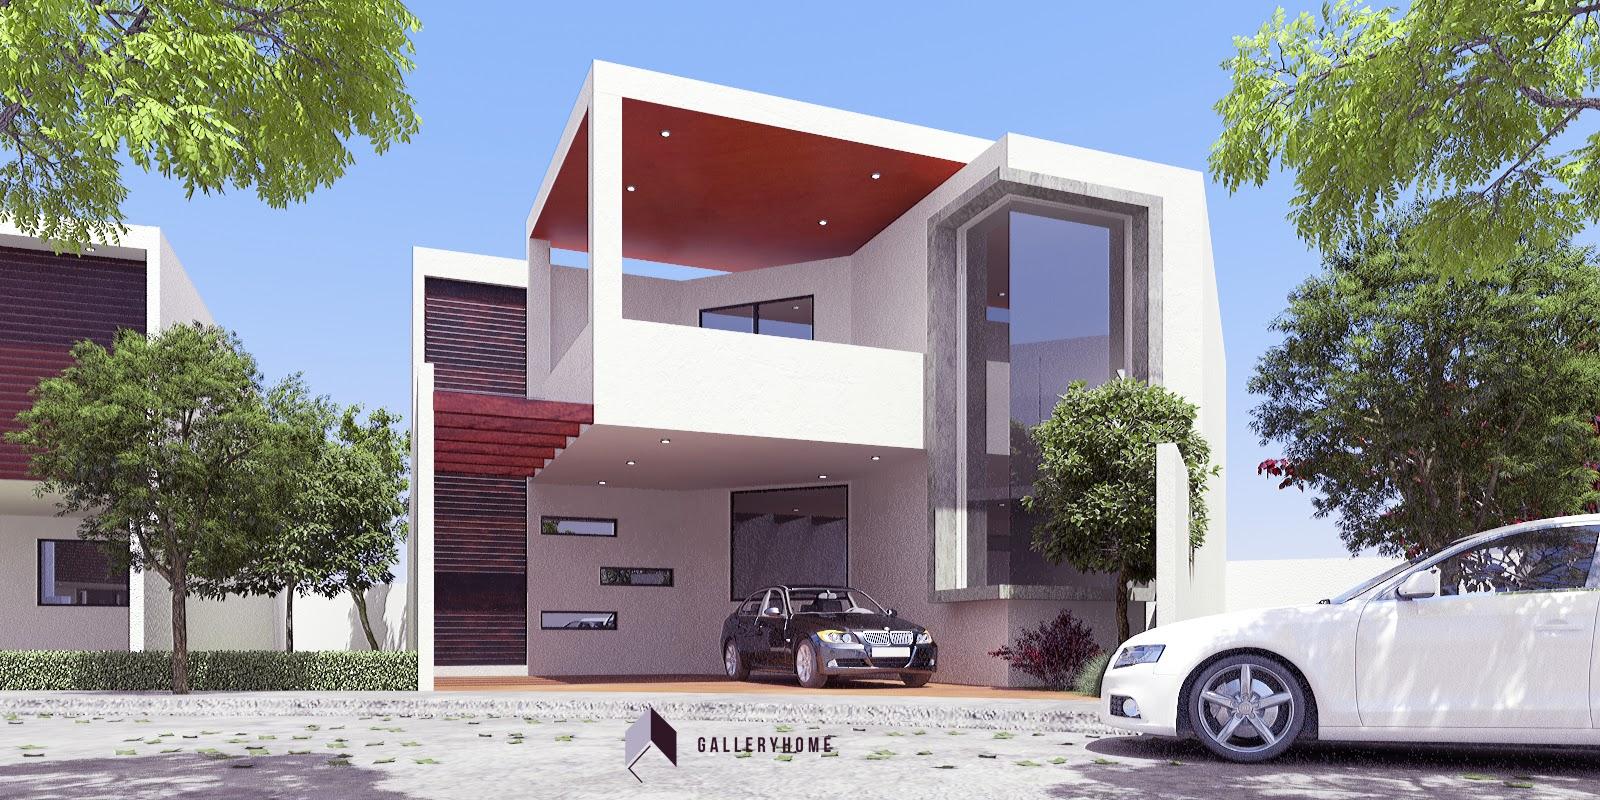 Gallery home venta de casa de tres recamaras en esquina for Casas de tres recamaras